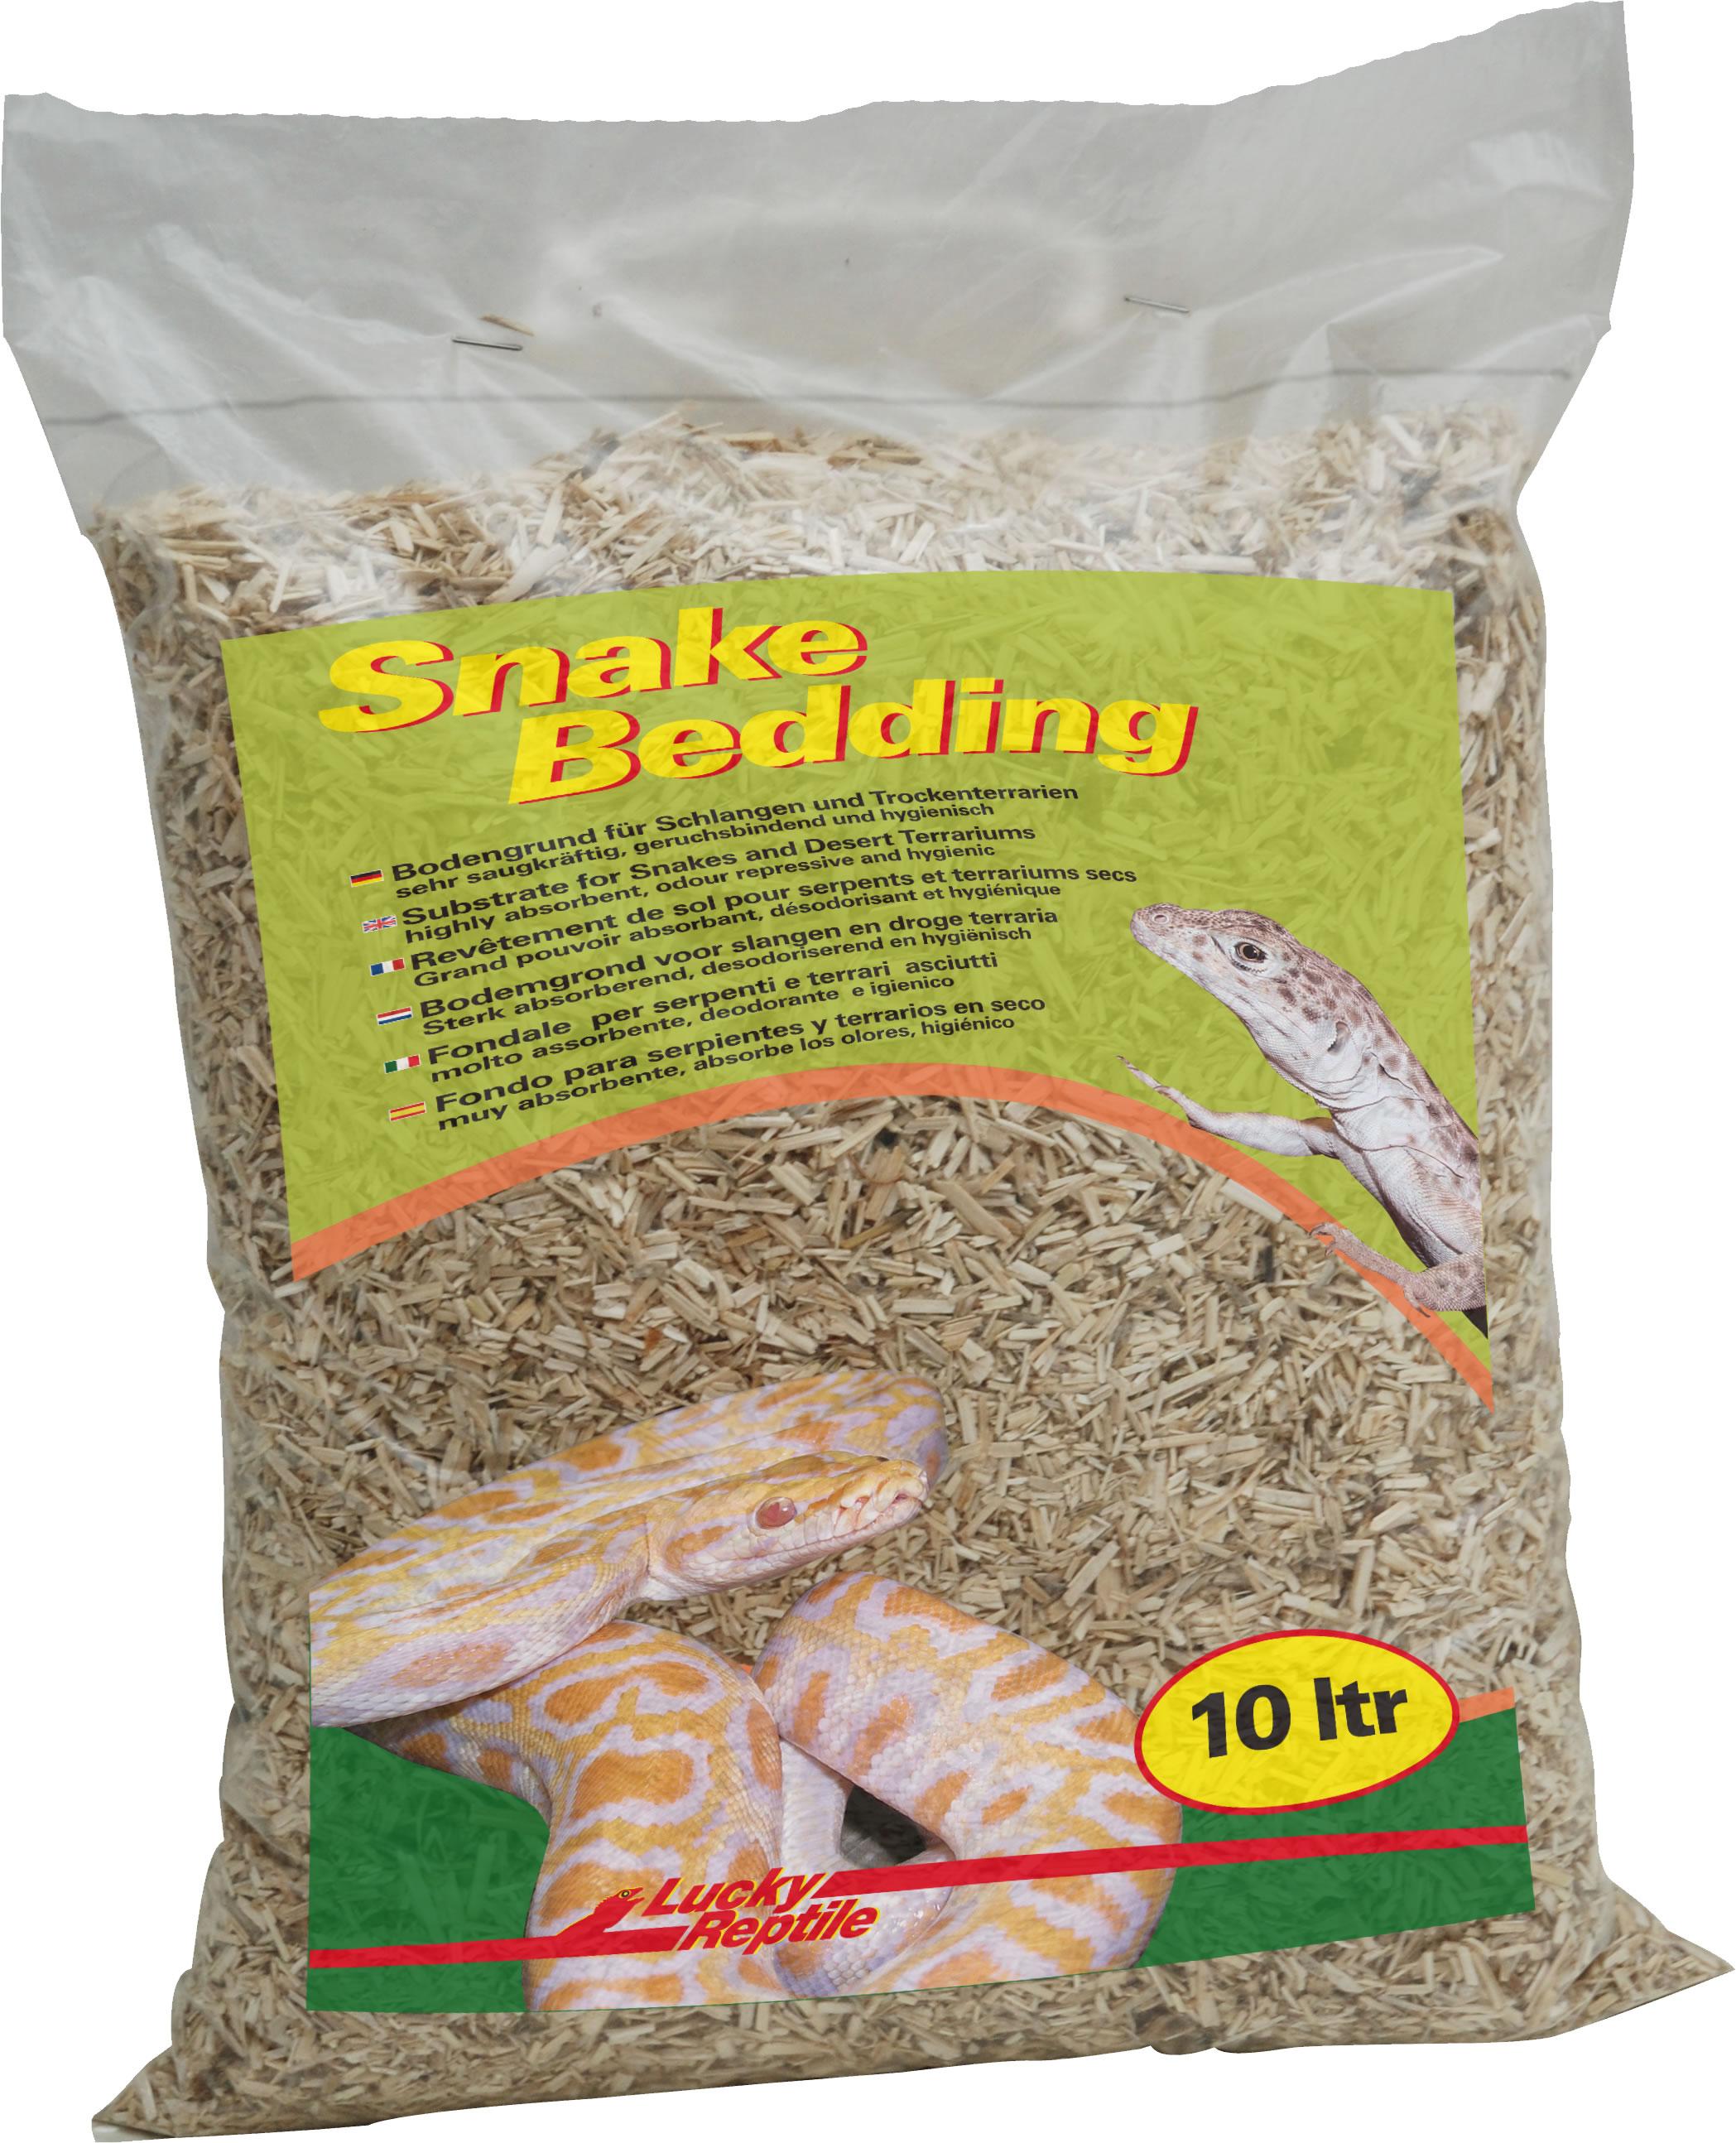 Lucky Reptile Snake Bedding